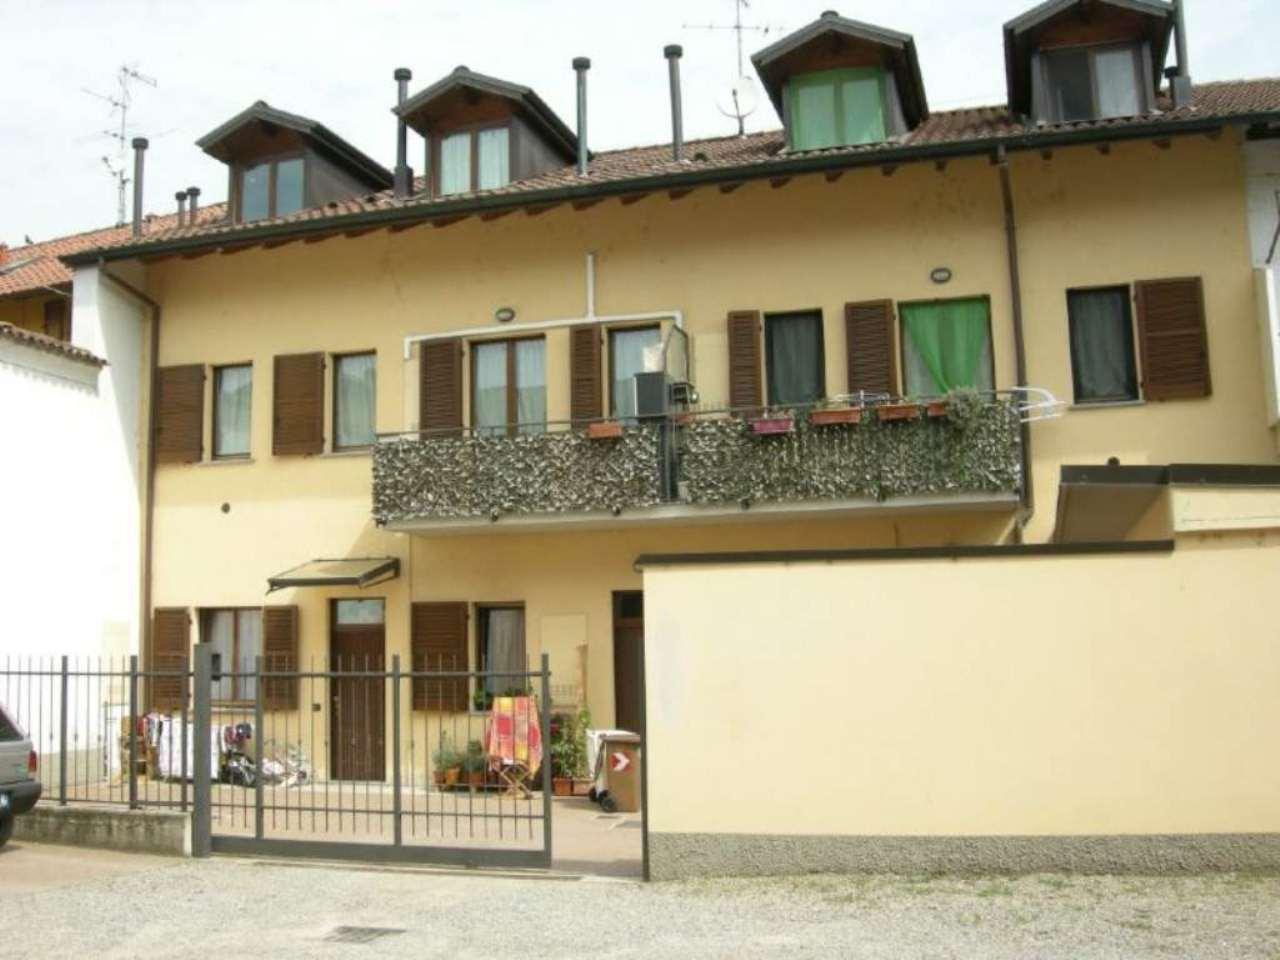 Appartamento in vendita a Gessate, 3 locali, prezzo € 125.000 | Cambio Casa.it